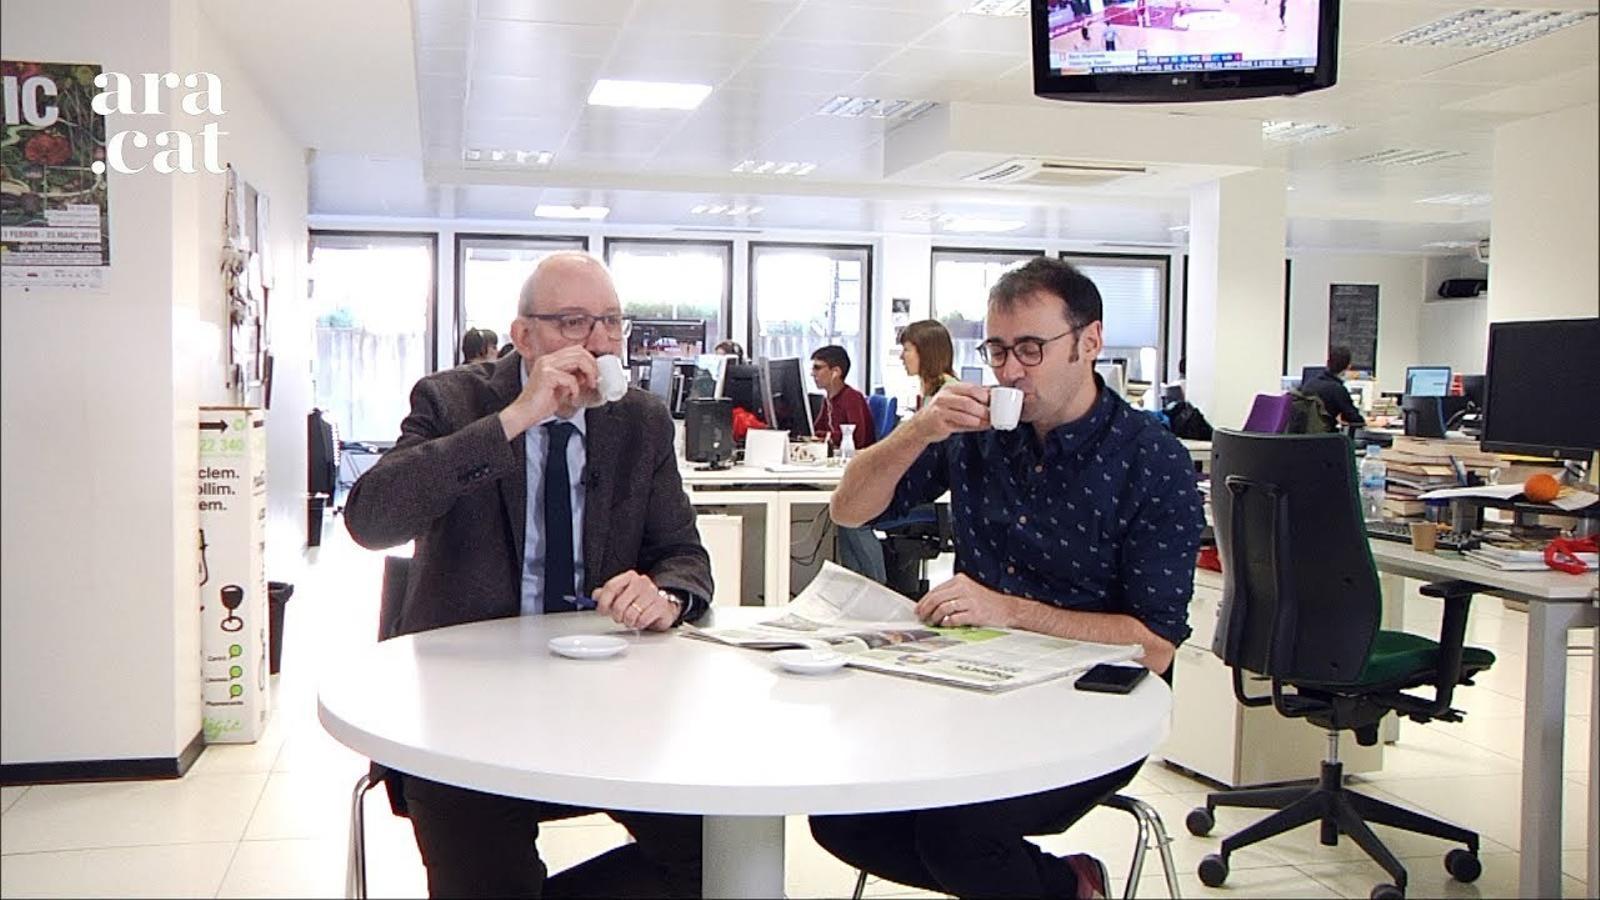 El cafè de la Lliga: no hem de tenir por si Messi no juga contra el Madrid